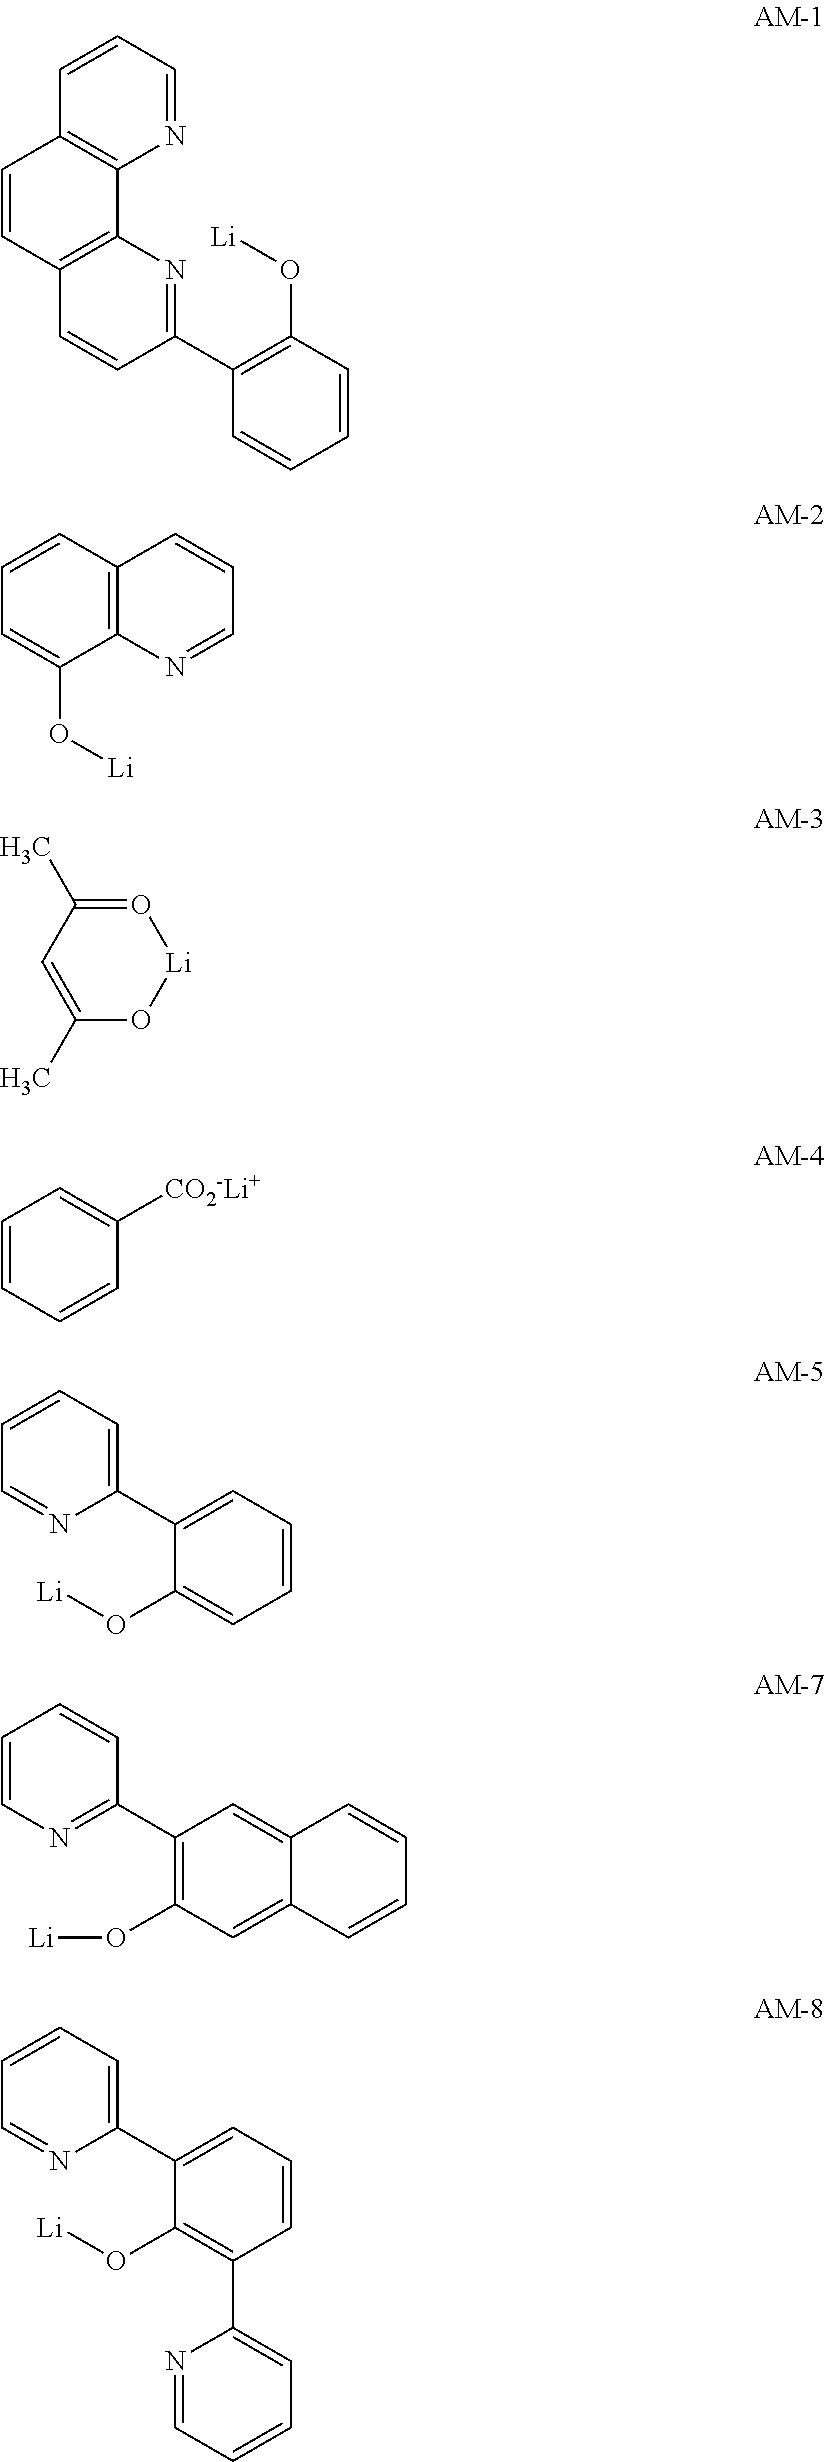 Figure US08216697-20120710-C00014